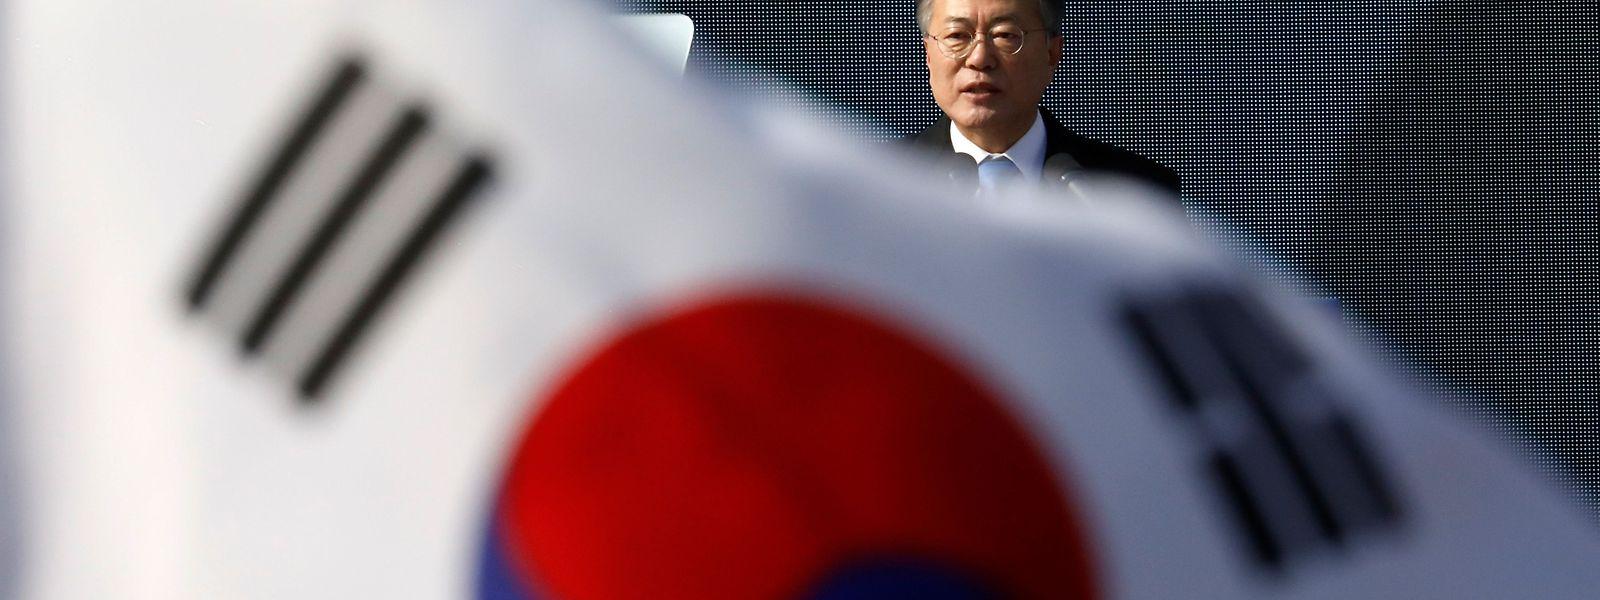 Mit der Entsendung der speziellen Emissäre erwidert er den Besuch der Schwester von Kim Jong Un, Kim Yo Jong, im Februar. Die einflussreiche Schwester hatte als Sondergesandte ihres Bruders am Rande der Olympischen Winterspiele in Pyeongchang eine Einladung an Moon nach Pjöngjang übermittelt.